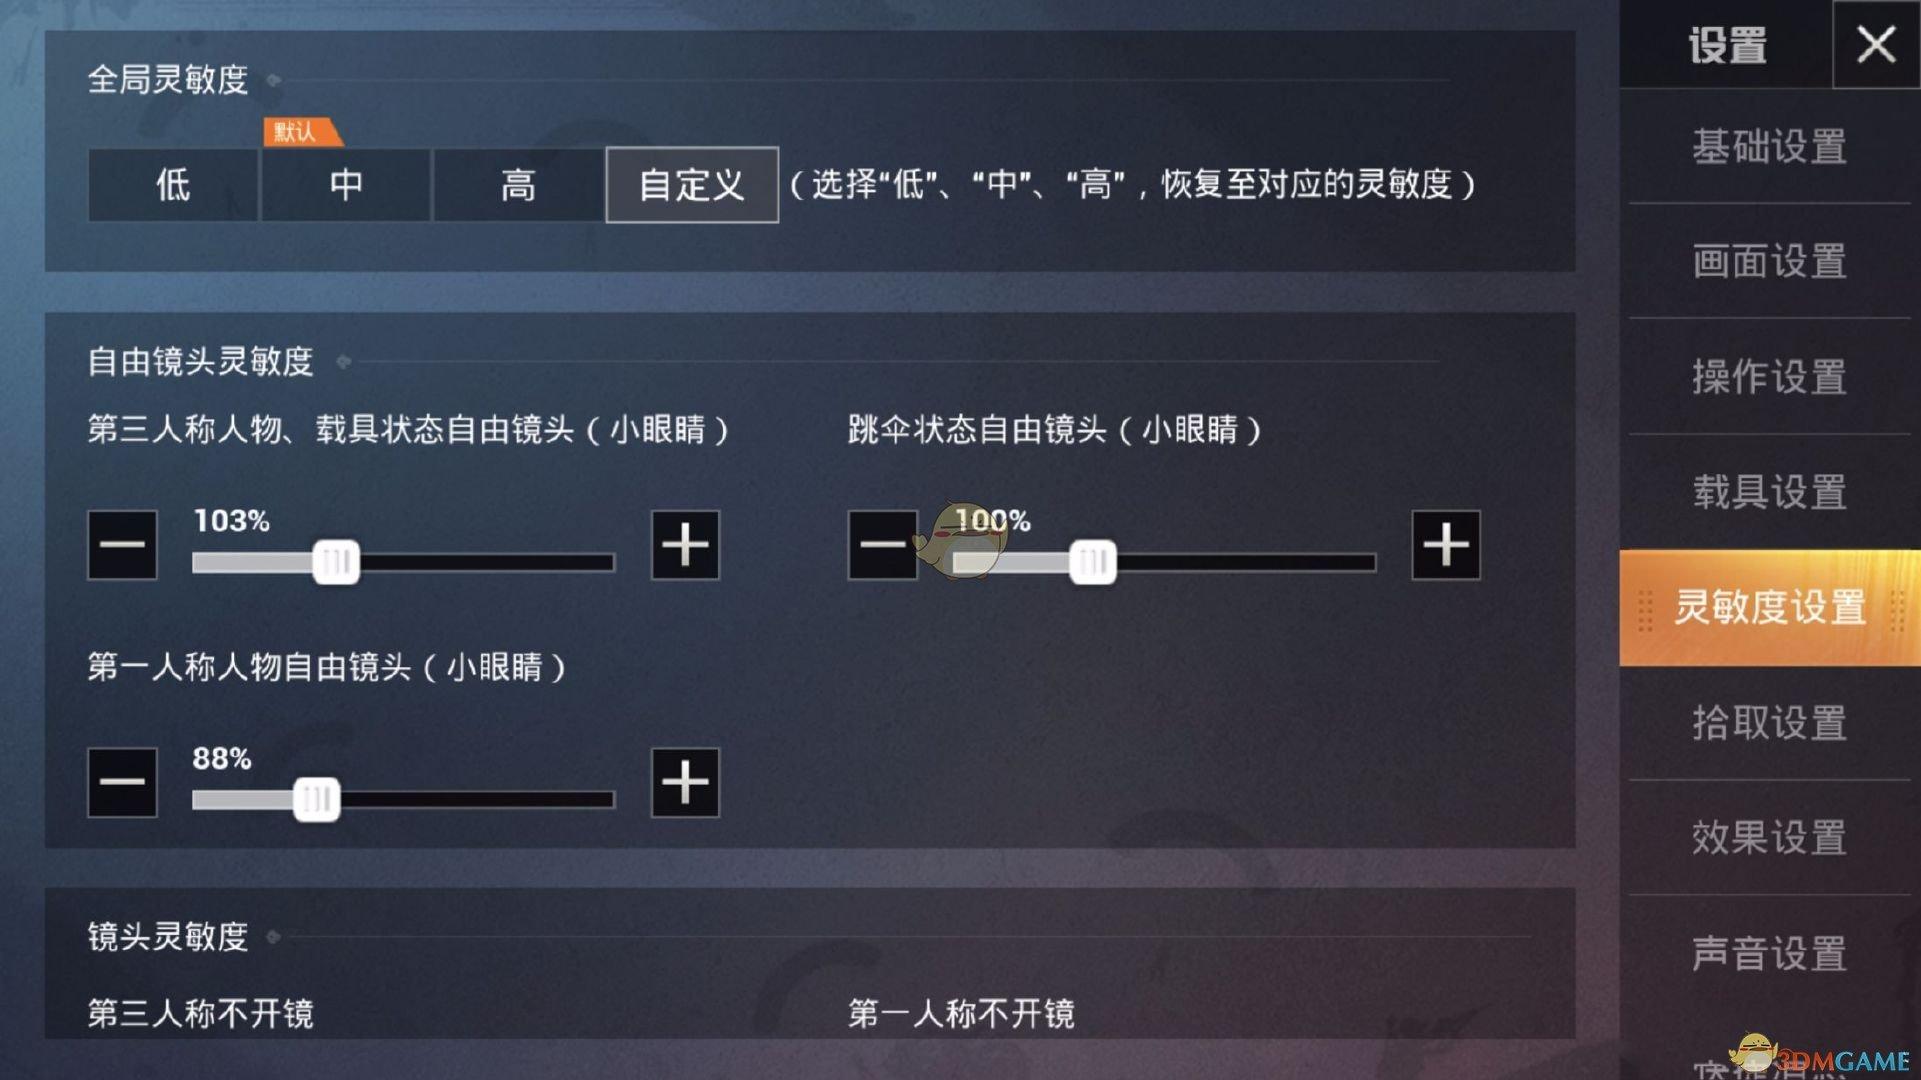 《和平精英》SS3赛季壹娃灵敏度设置方法介绍